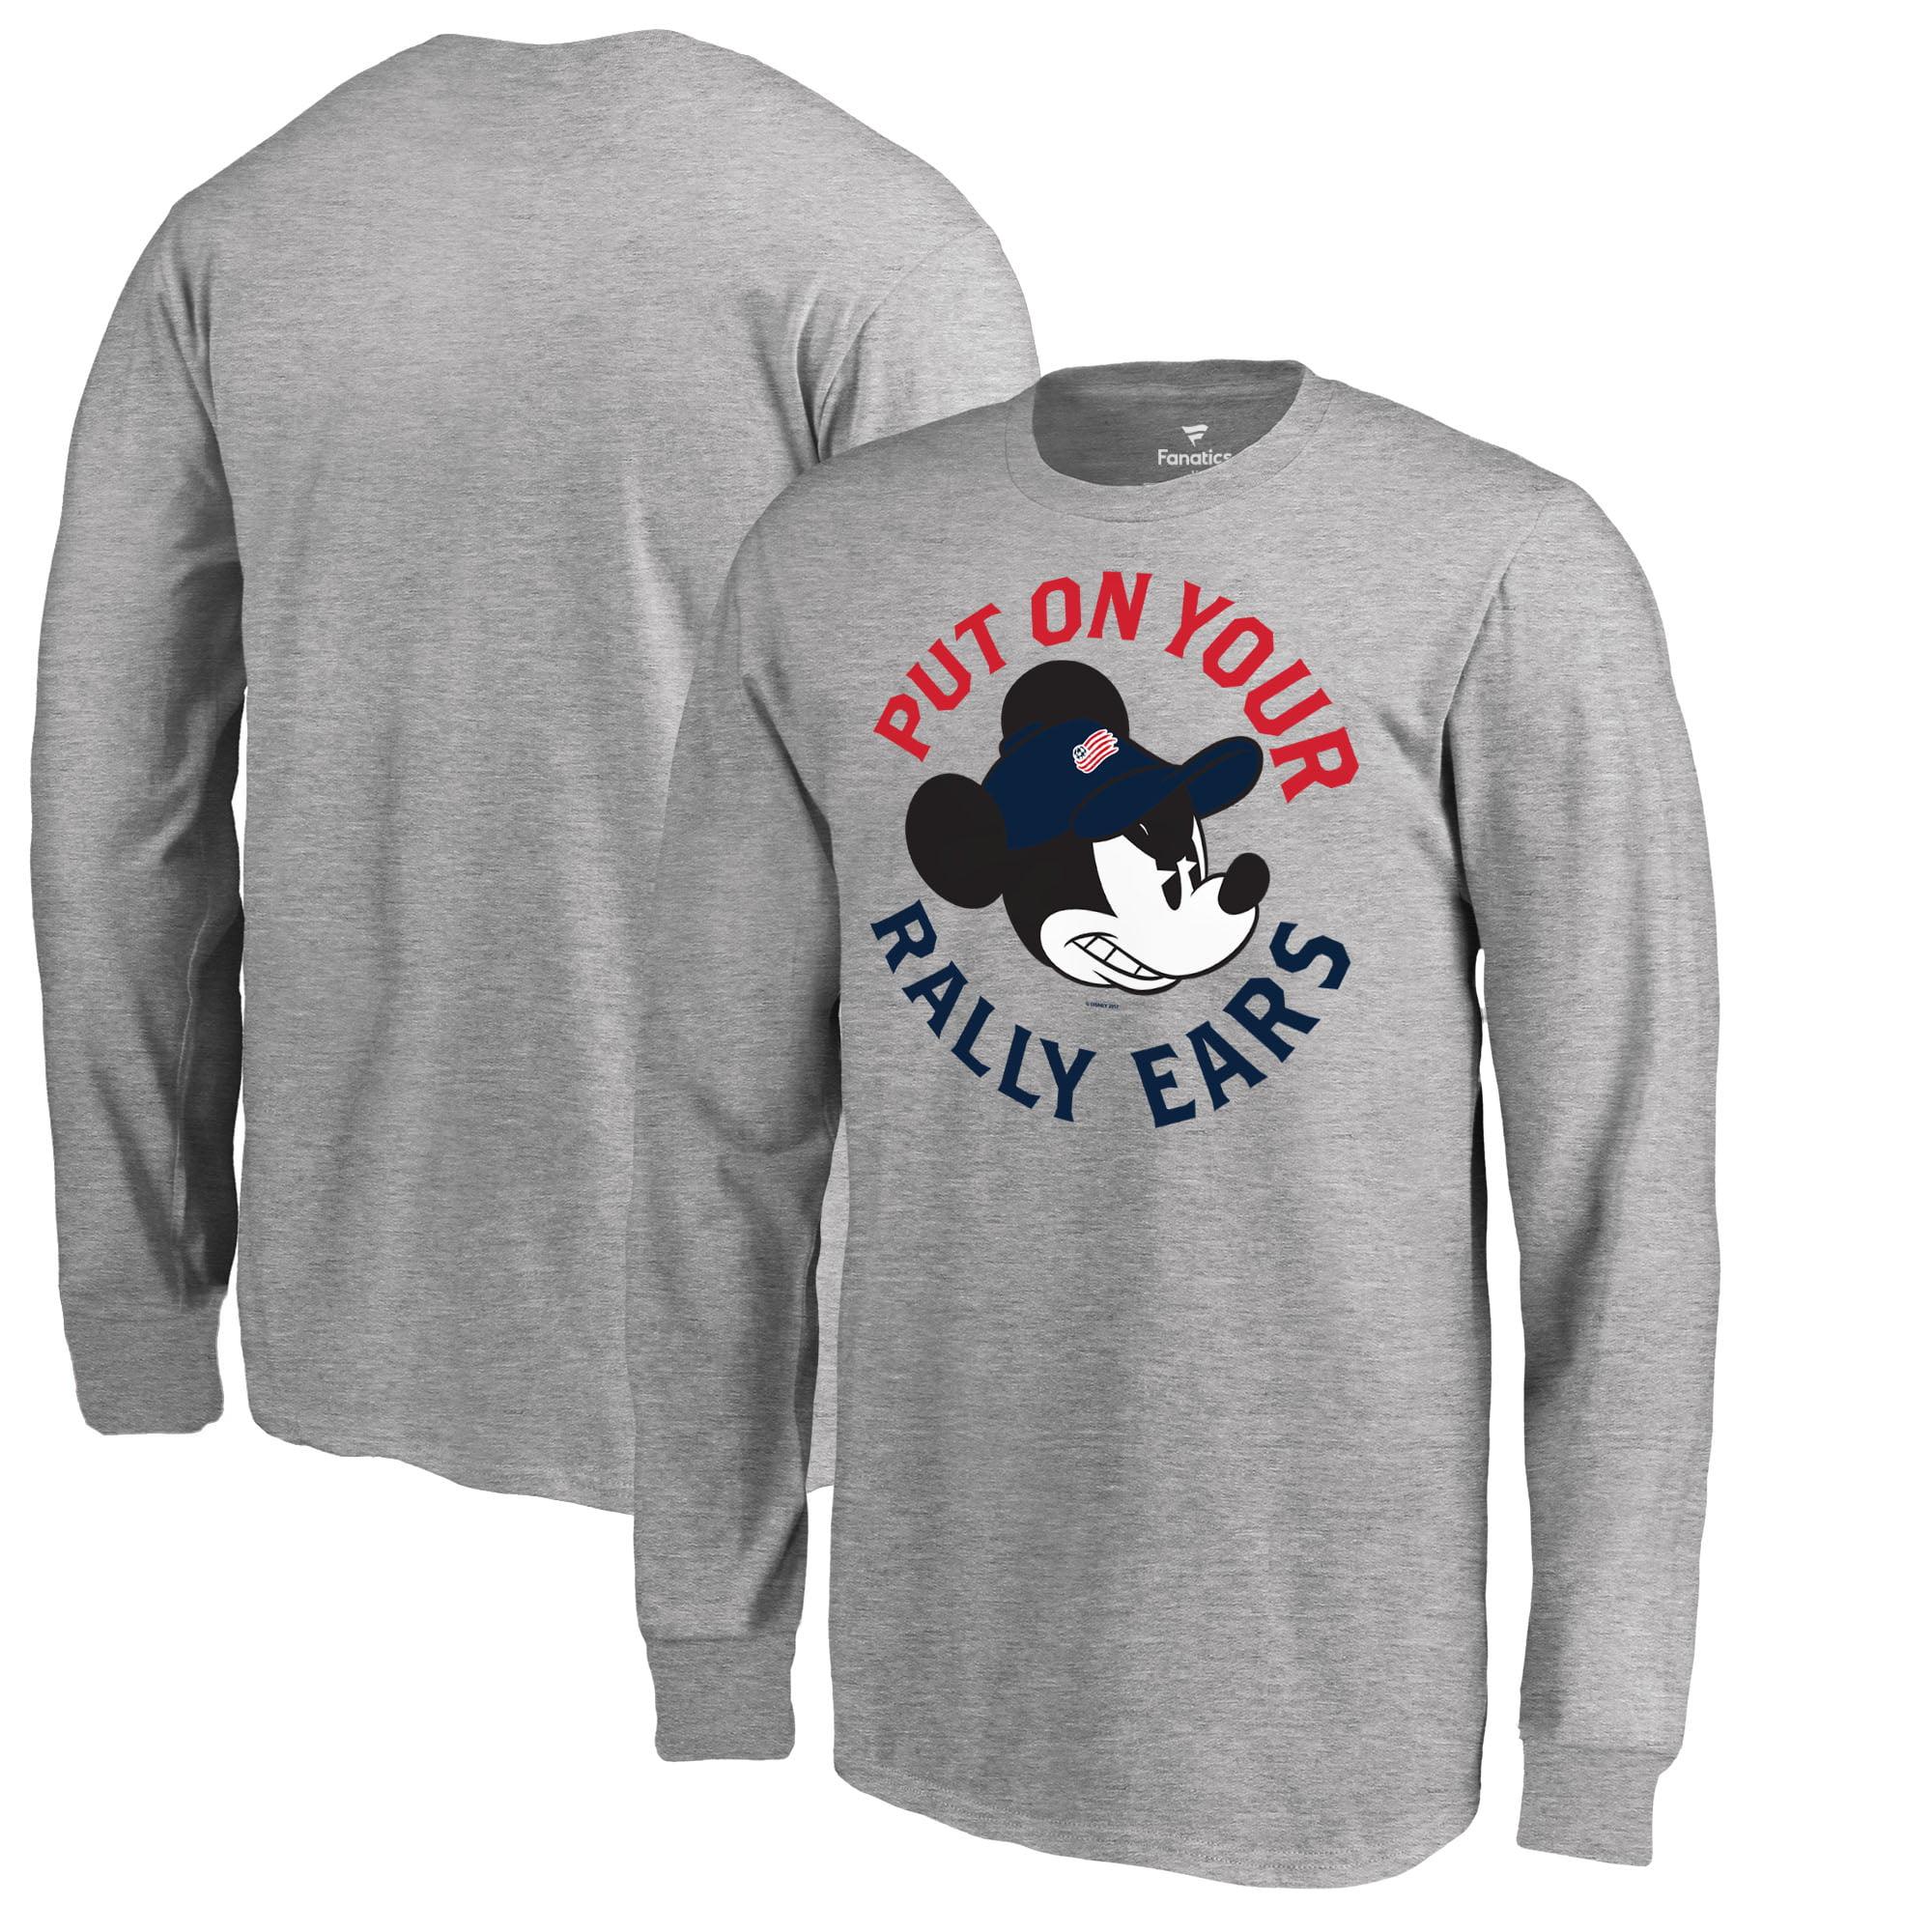 New England Revolution Fanatics Branded Youth Disney Rally Ears Long Sleeve T-Shirt - Heathered Gray